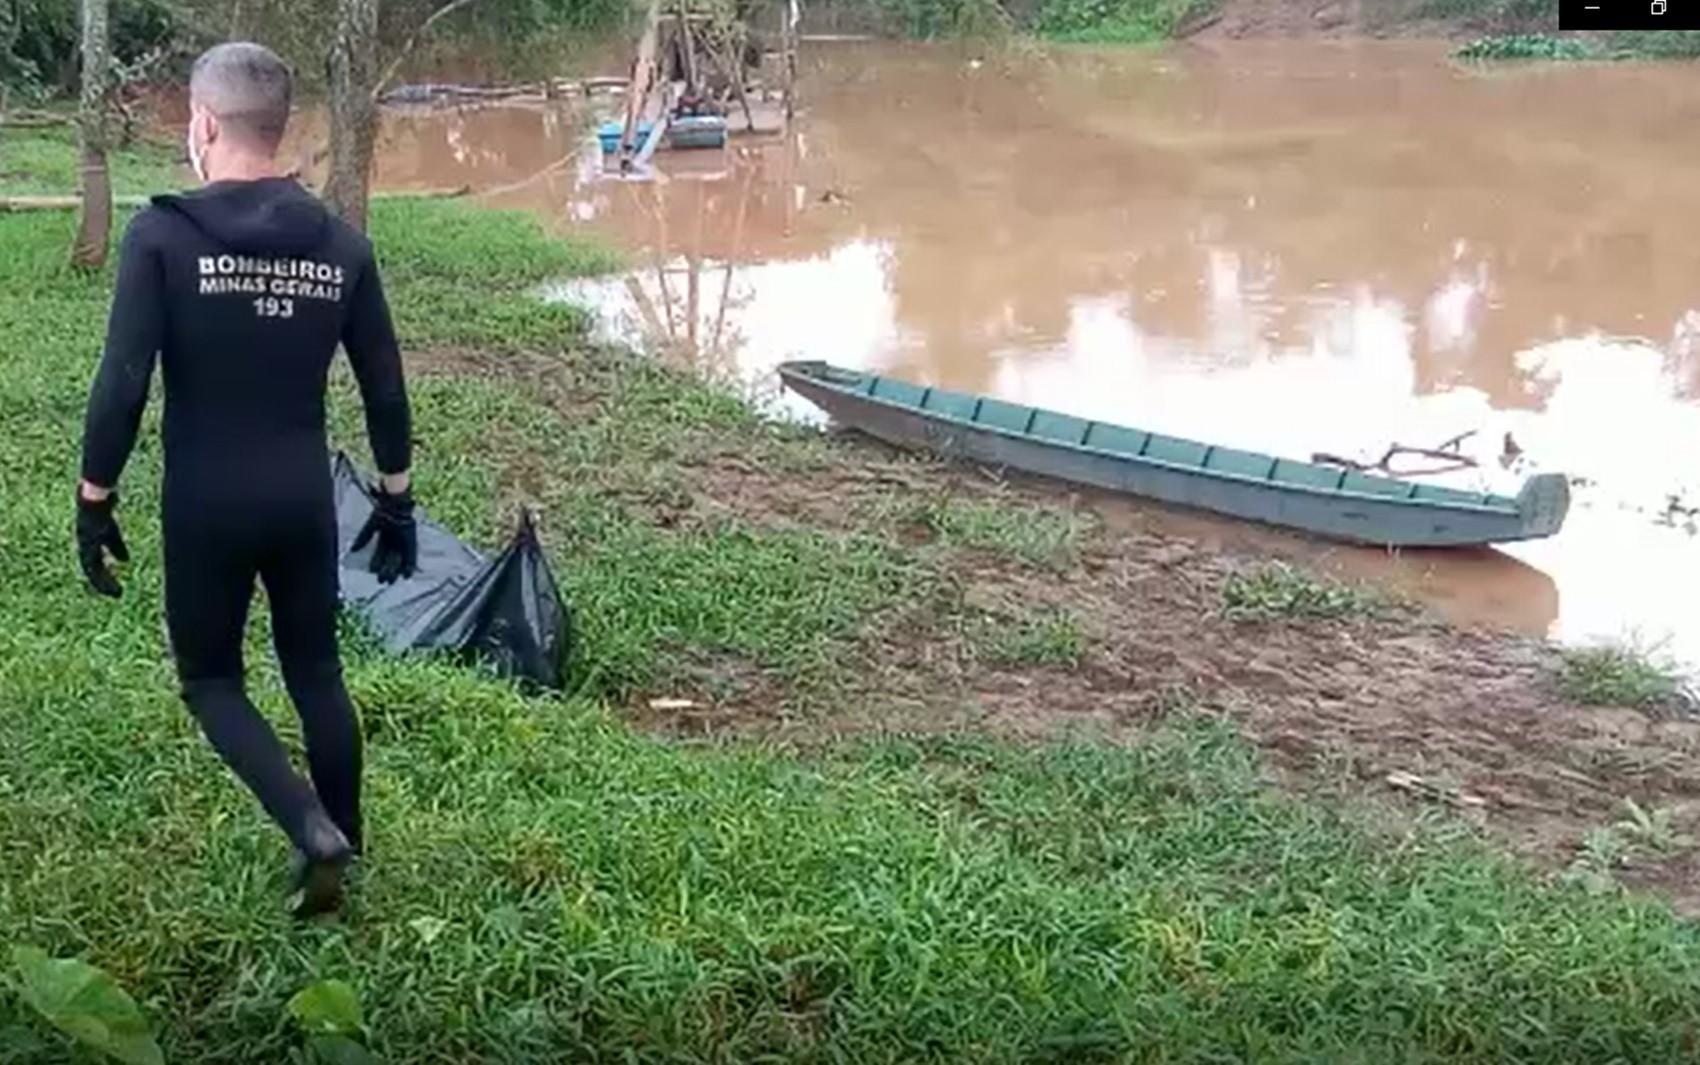 Corpo é encontrado boiando no Rio Sapucaí, em Piranguinho, MG